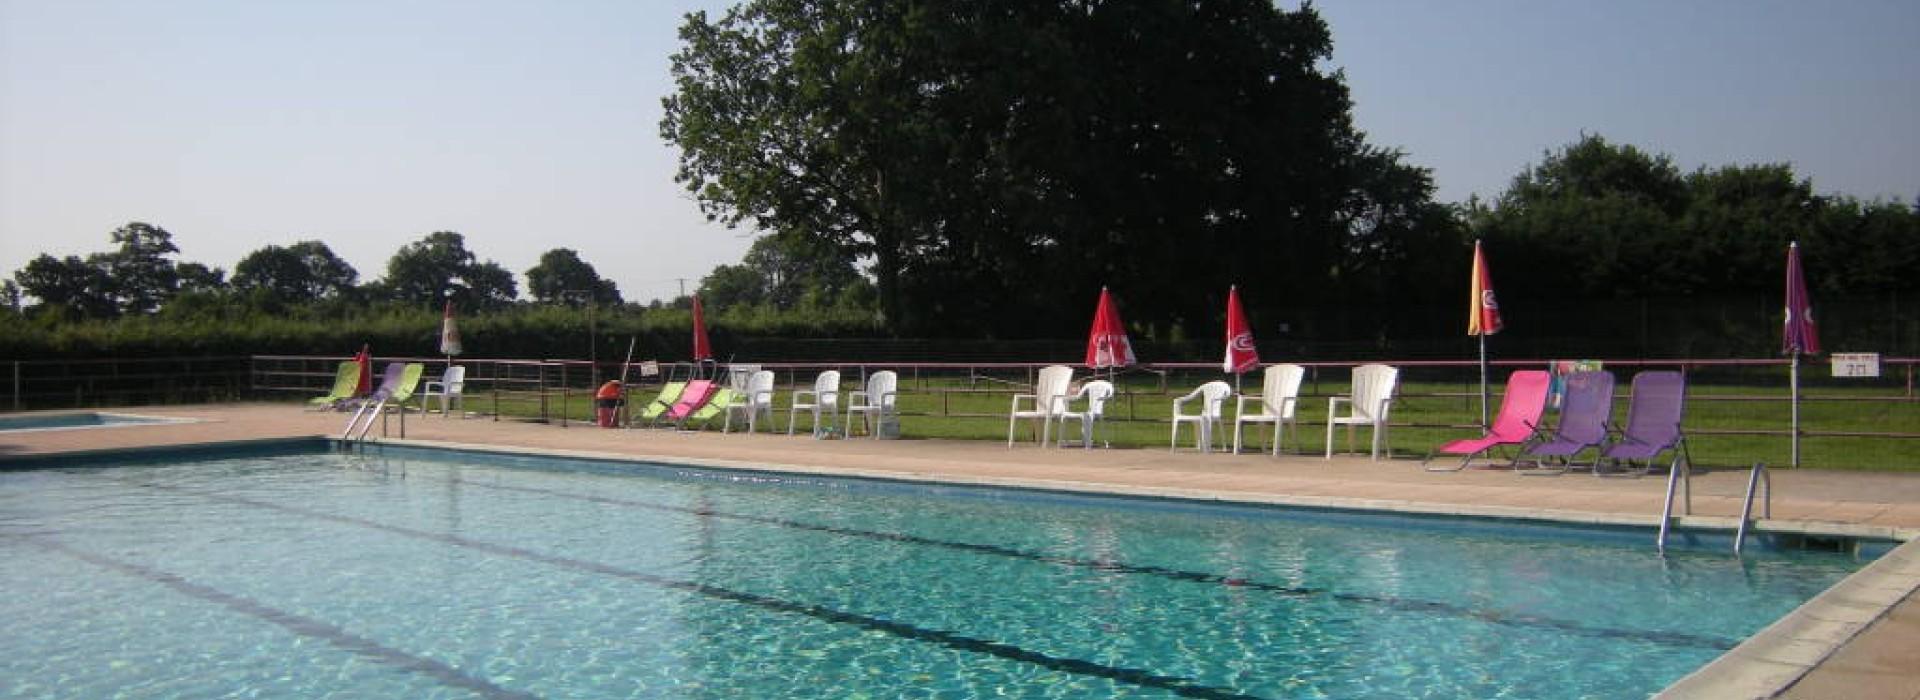 Piscine de saint charles la foret autour de l 39 eau france for Piscine saint charles